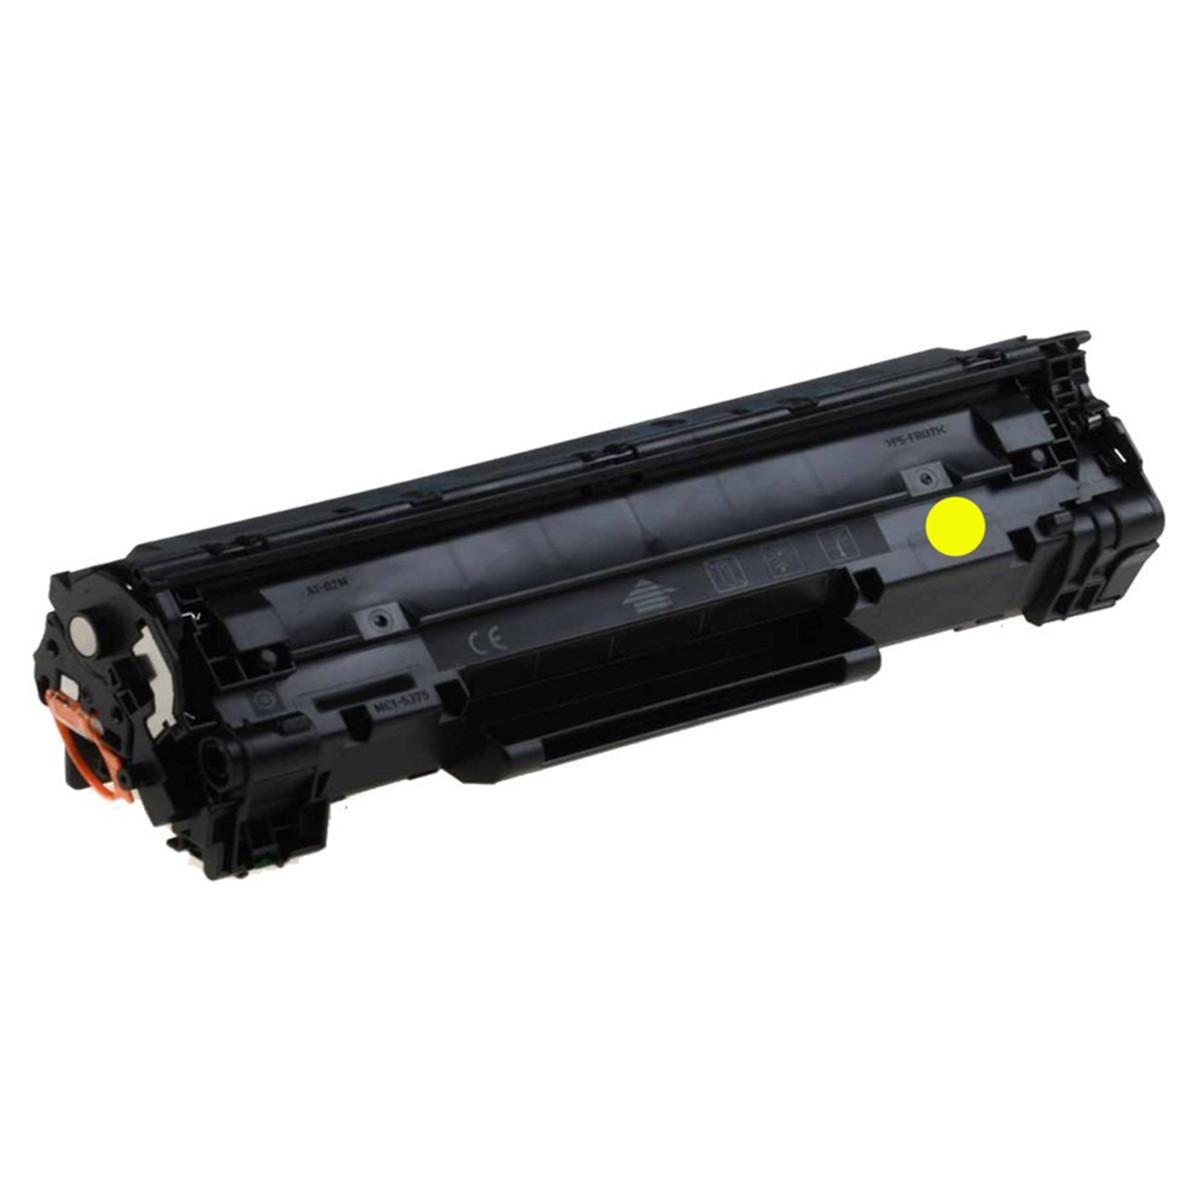 Toner Compatível com HP CF402A 201A CF402AB Amarelo | M252DW M277DW M252 M277 | Premium Quality 1.4k